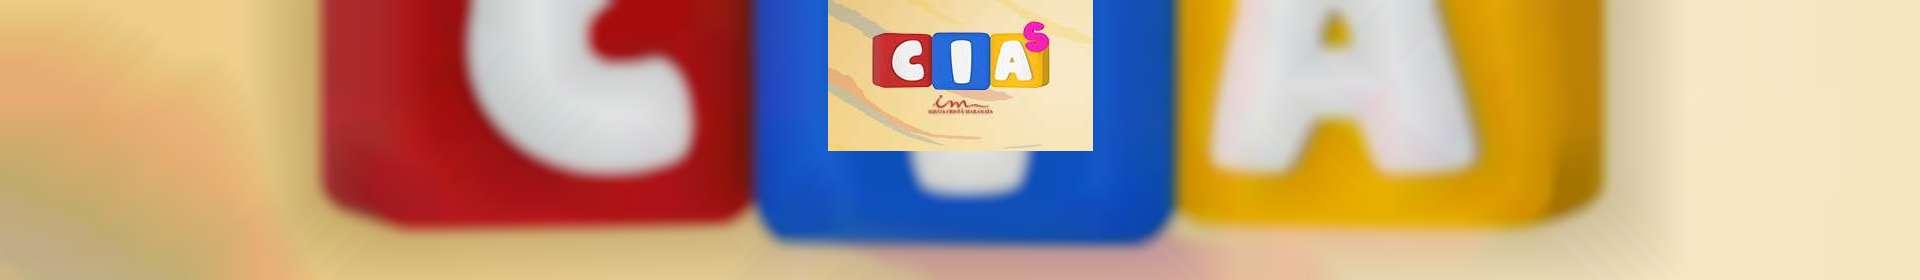 Aula de CIAS: classe de 11 a 15 anos - 23 de julho de 2020